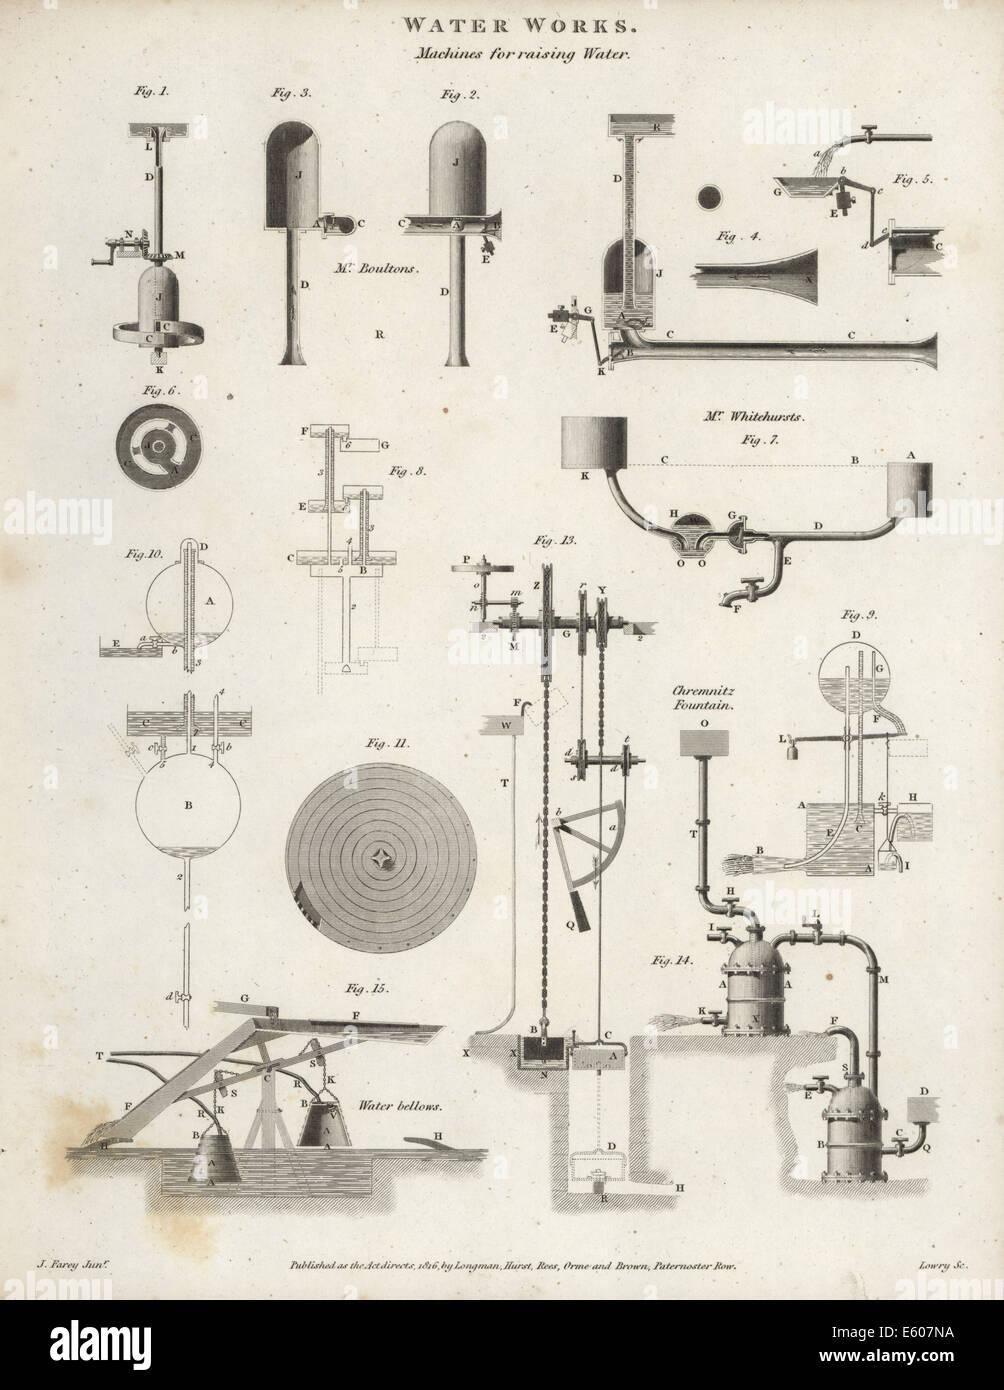 Wasserwerke, Wasser Blasebalg, Chremnitz Brunnen und Whitehurst Gerät. Stockbild